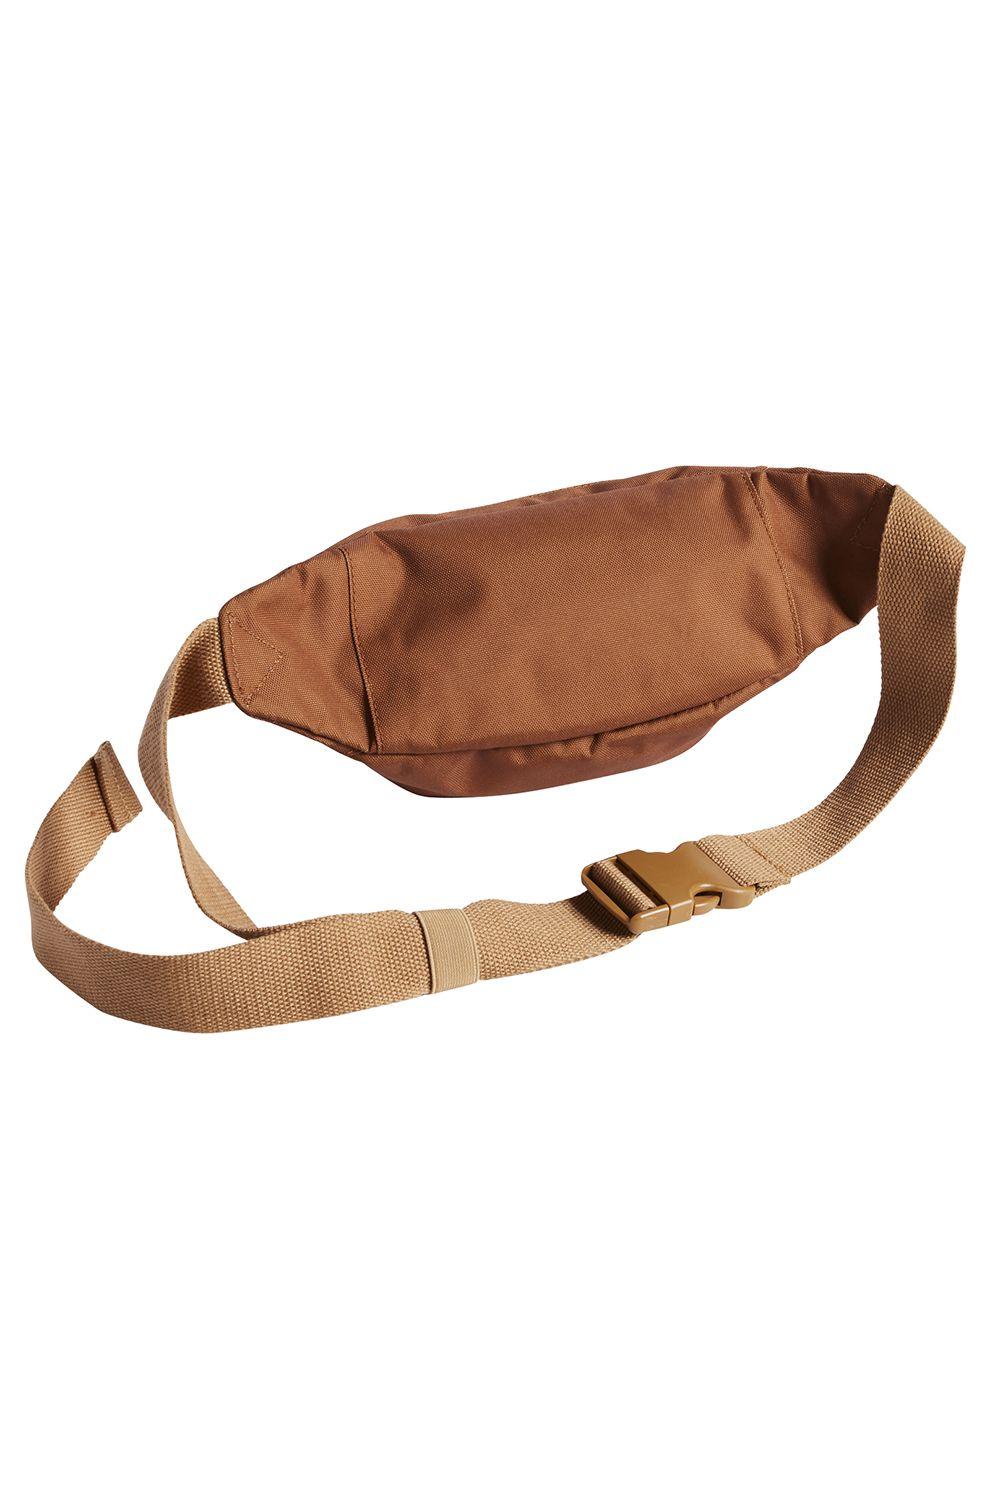 Bolsa Cintura Billabong TRAVEL LITE ADVENTURE DIVISION Multi